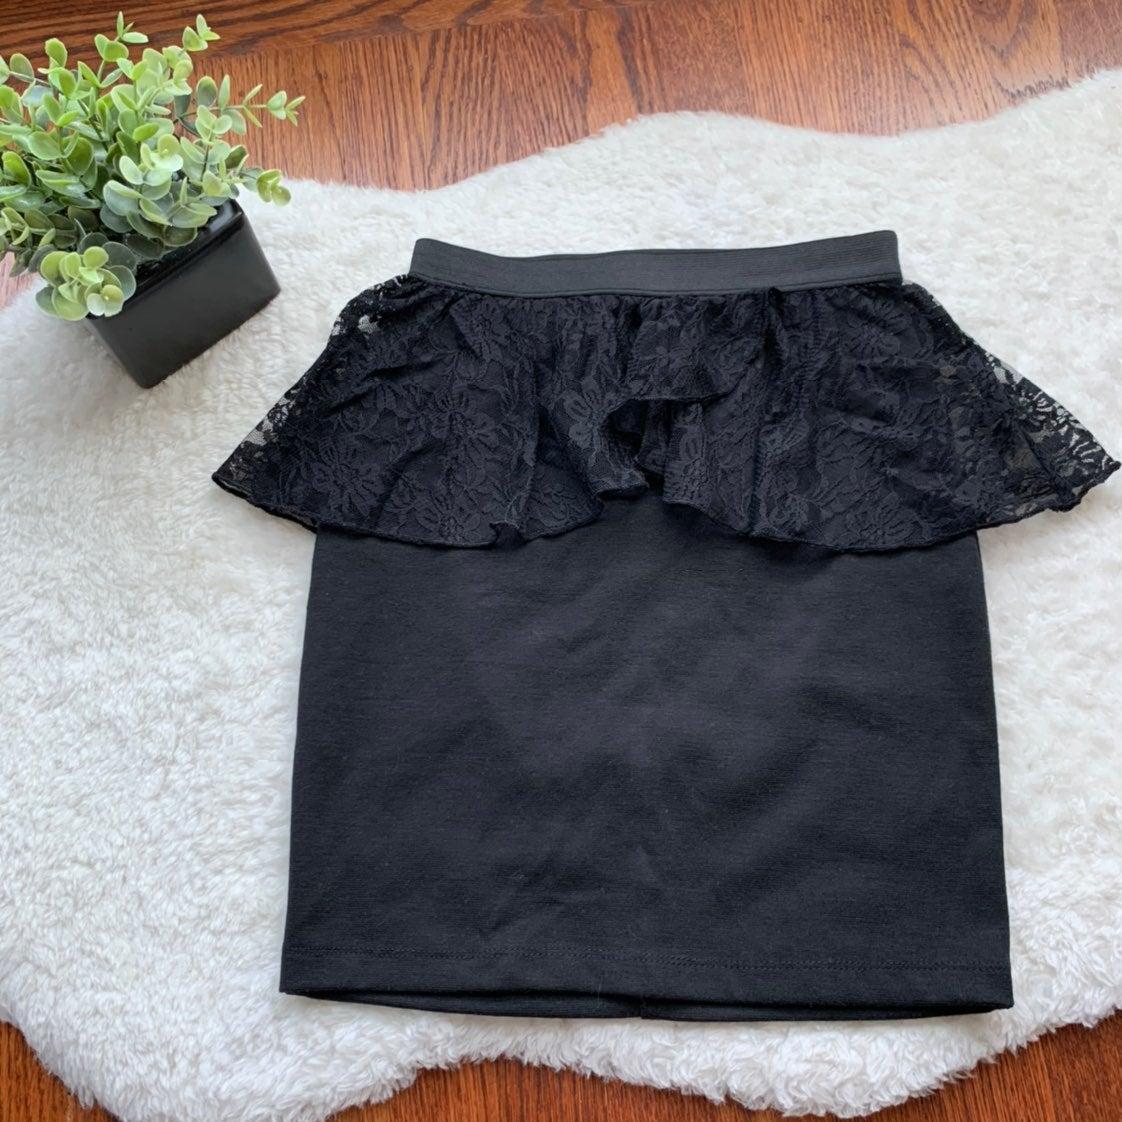 Black Lace Peplum Mini Pencil Skirt NWOT